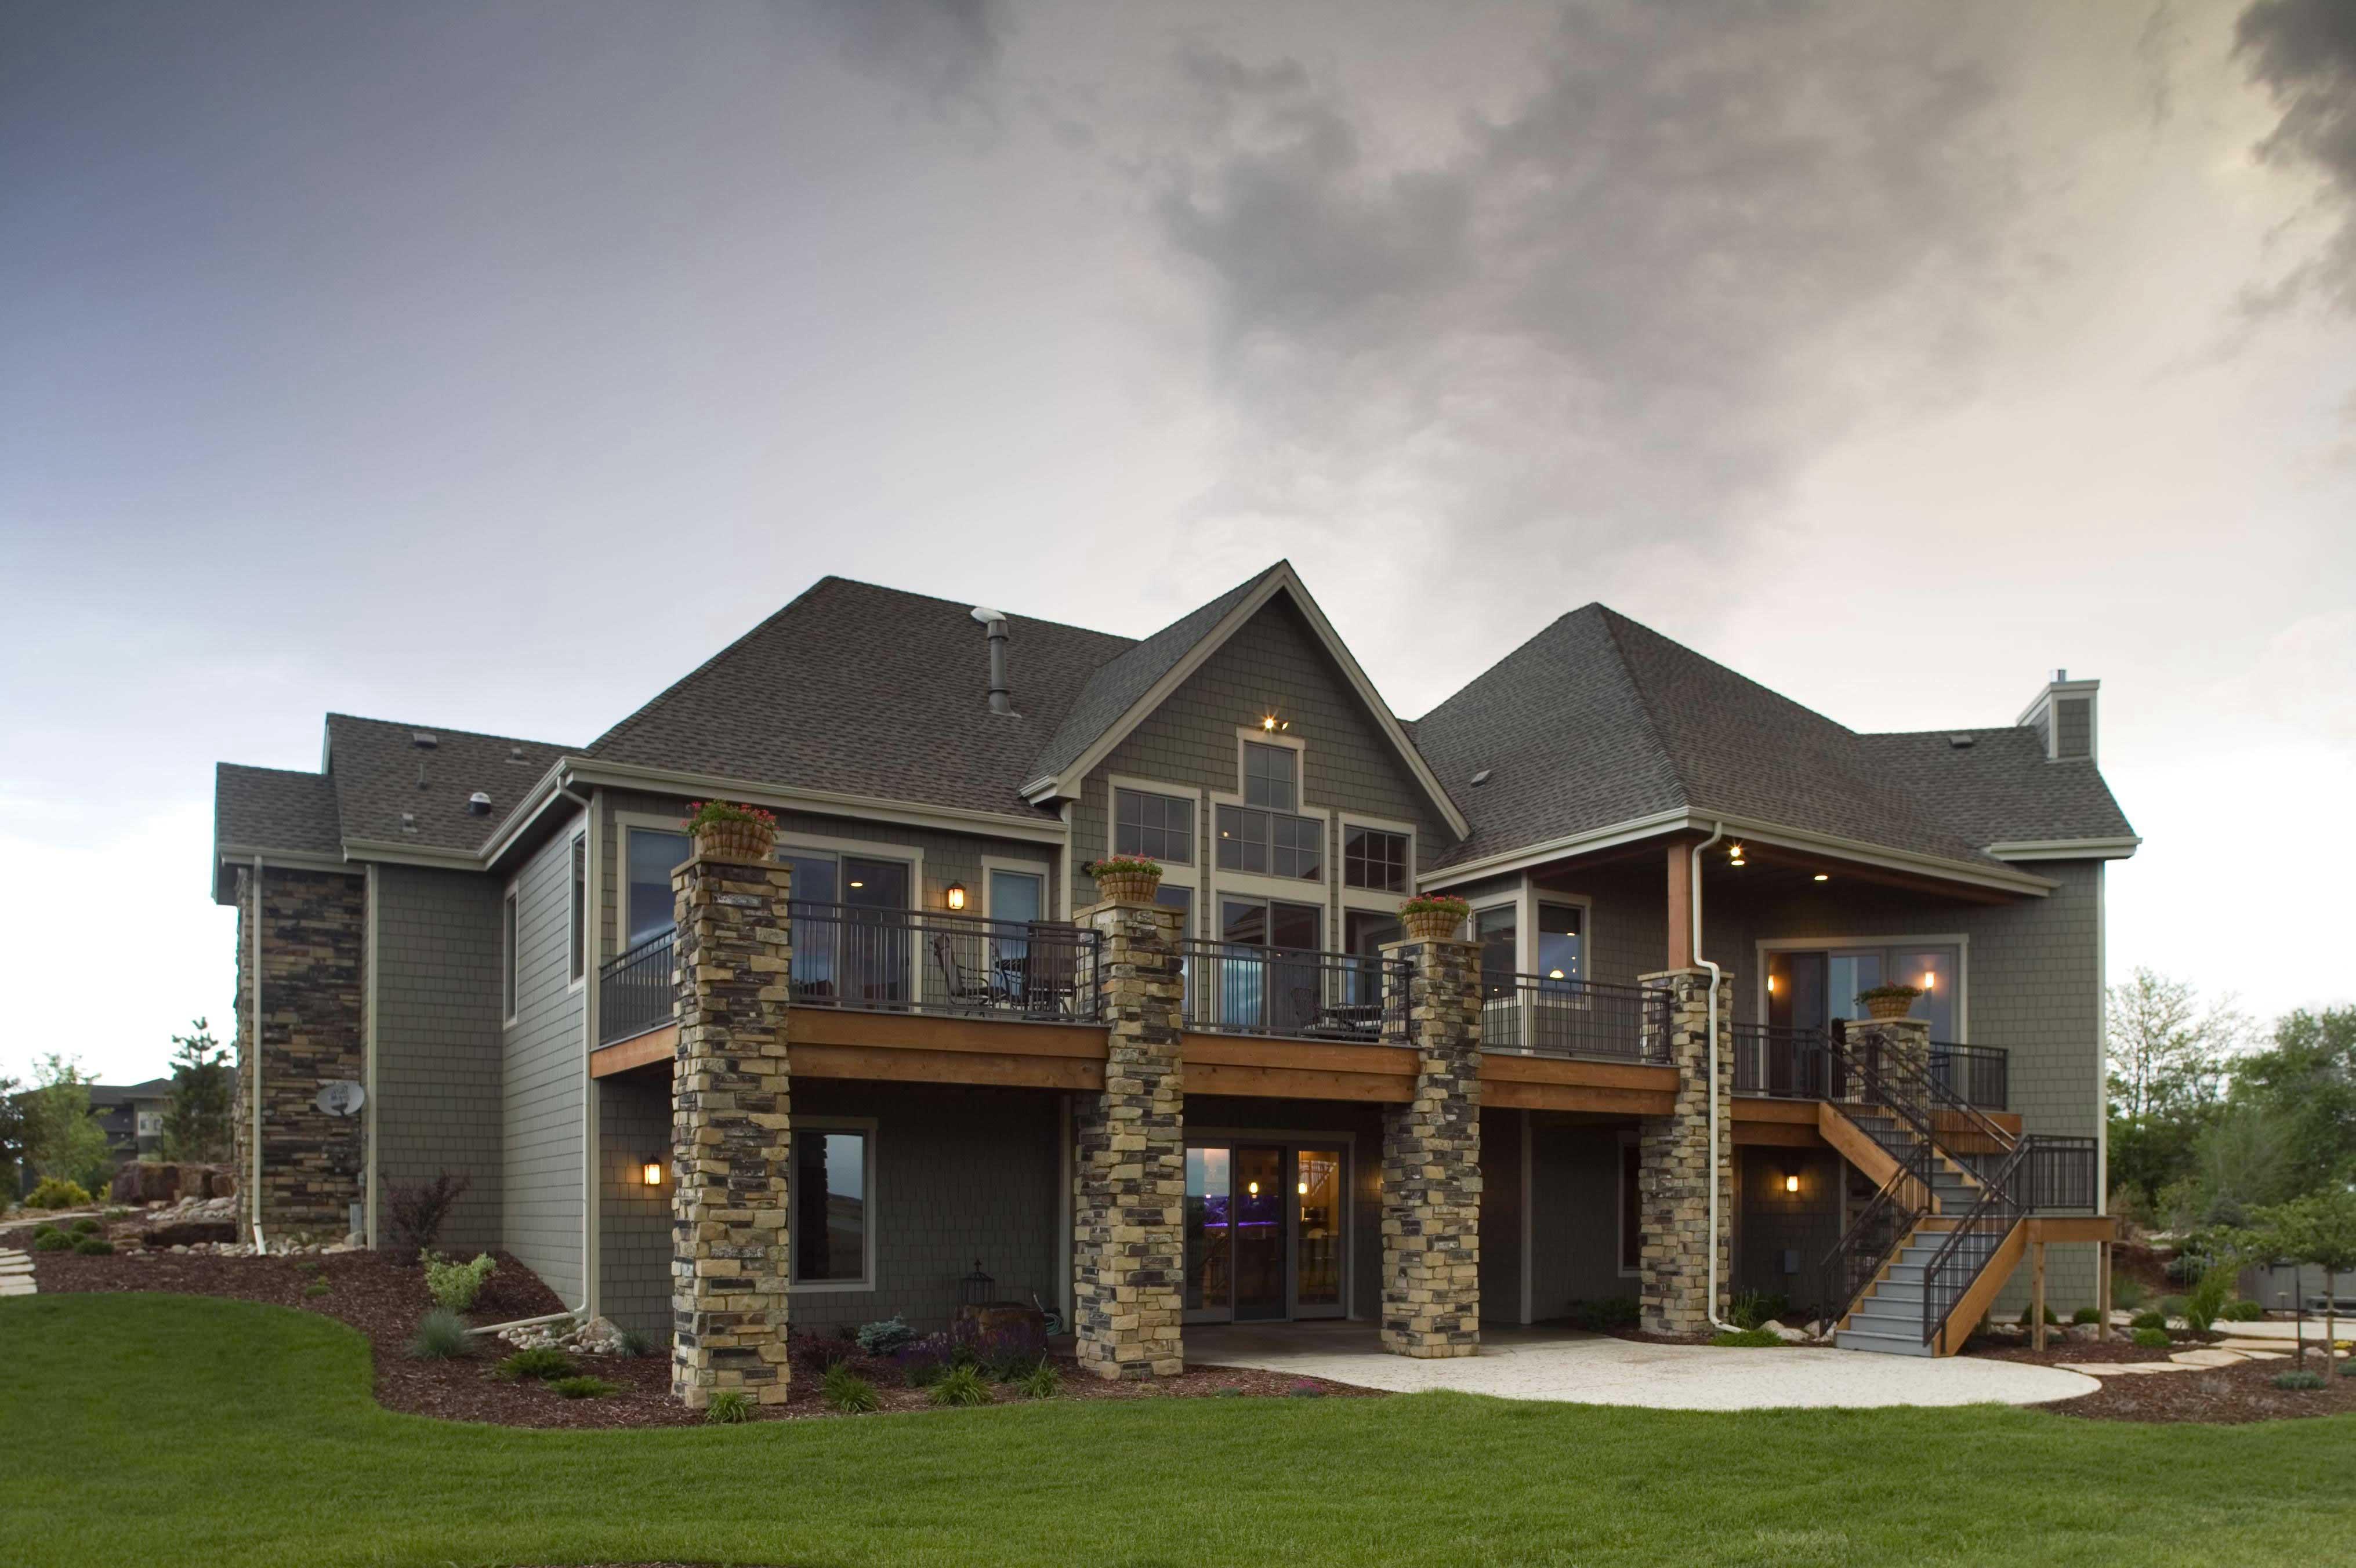 Craftsman House Plan- Home Plan #161-1042